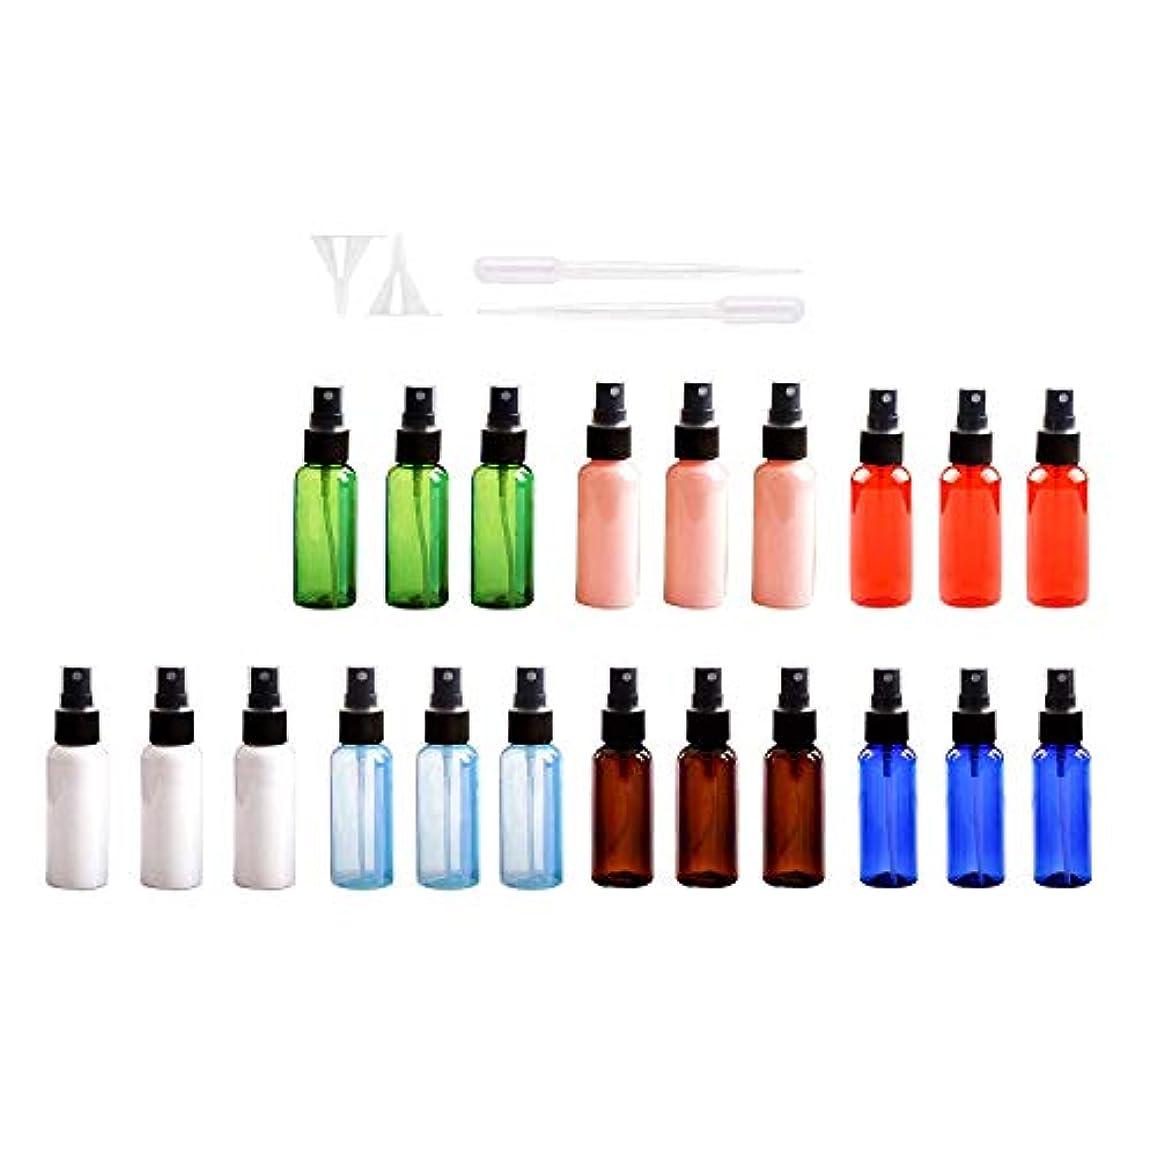 一杯実質的に署名スプレーボトル 21本セット 詰替ボトル 遮光 空容器 霧吹き30ML 遮光瓶